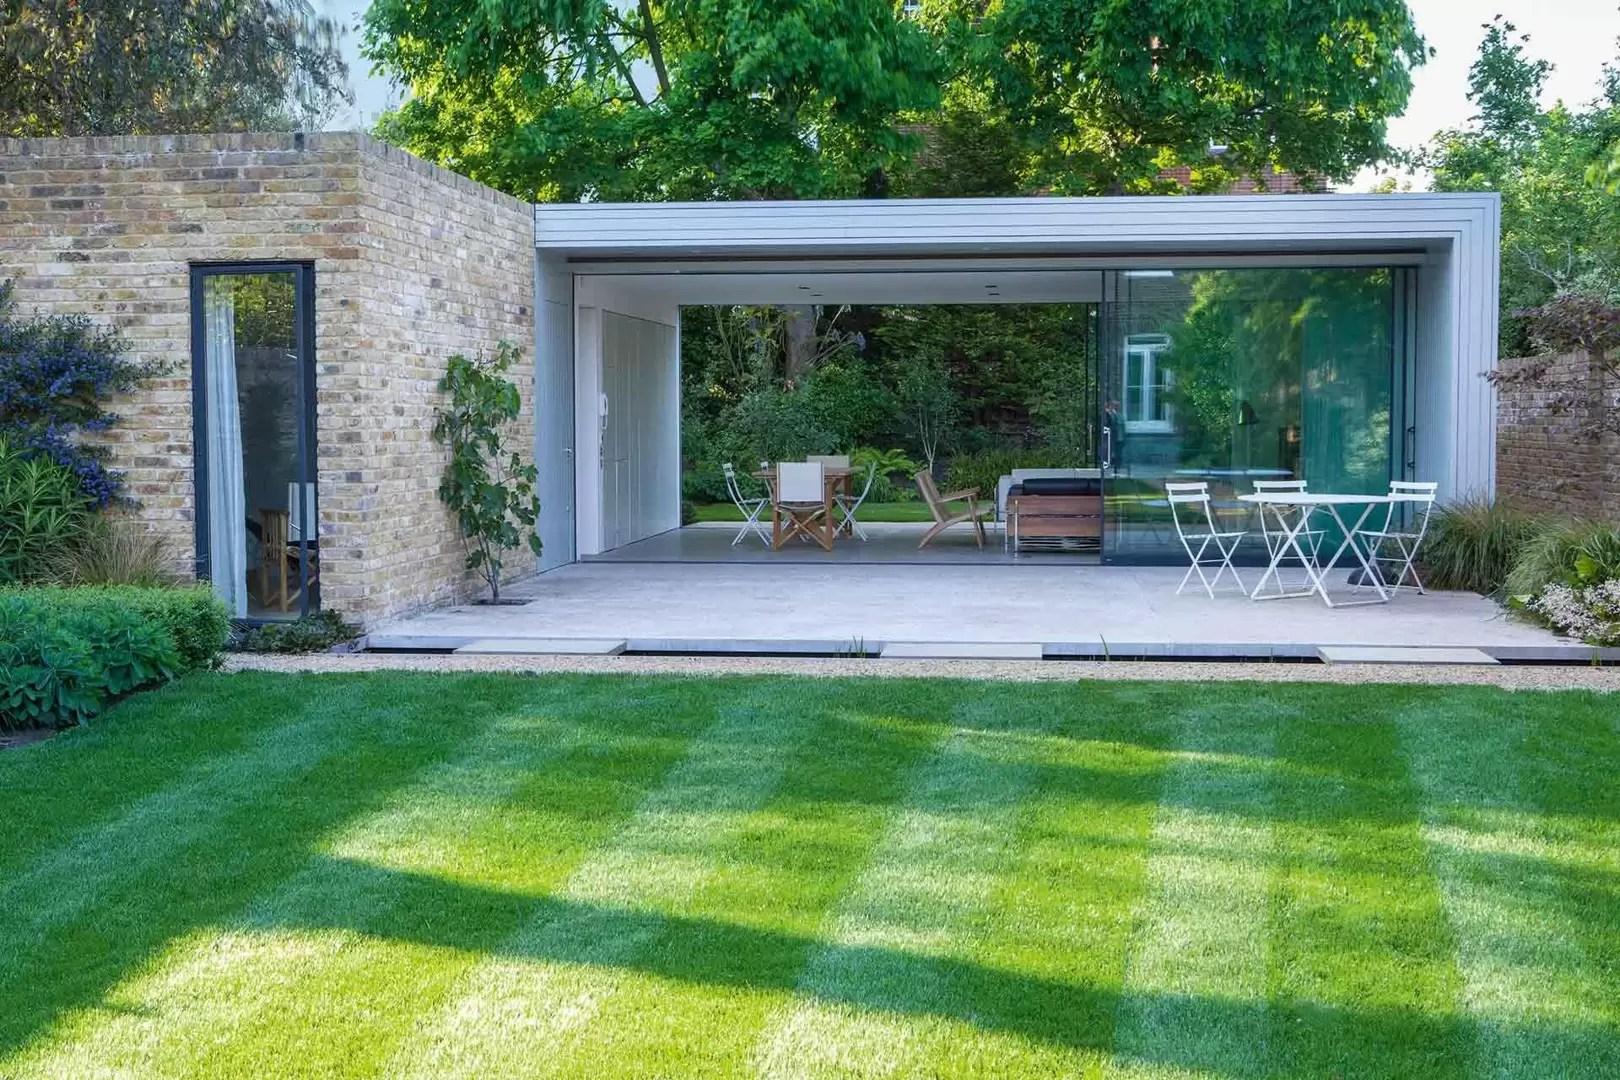 patio and decking ideas for gardens | house & garden